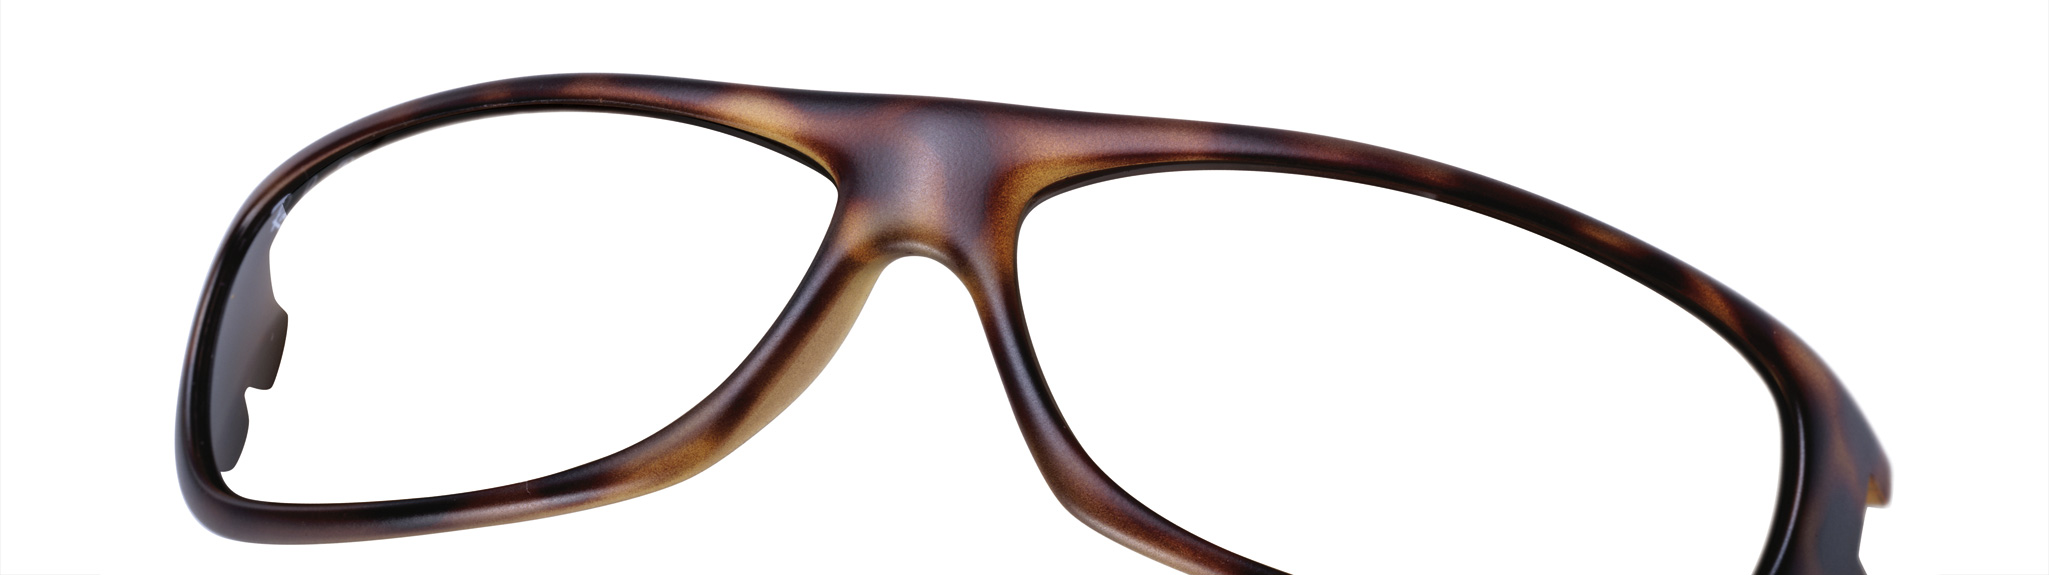 Technologien zur Herstellung von Brillenfassungen: F.W. Haug GmbH ...